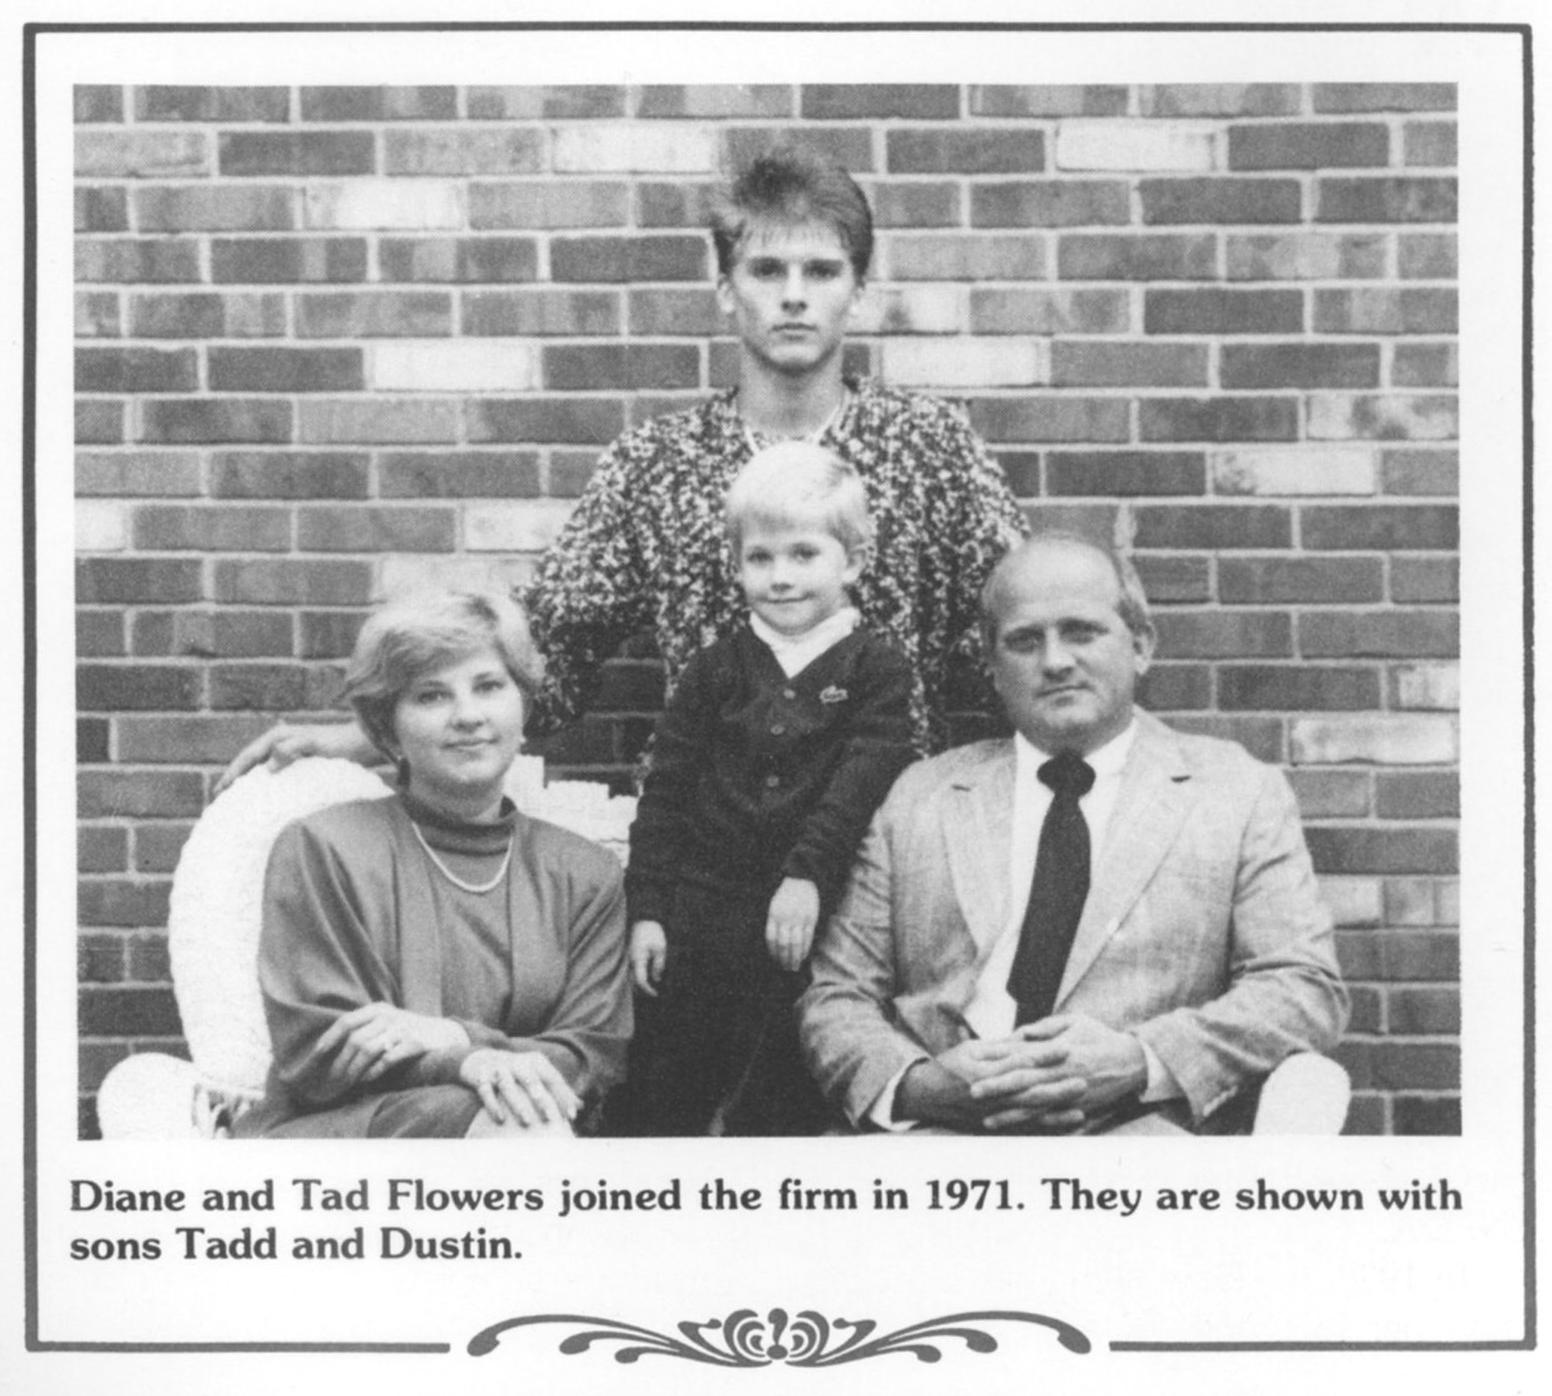 Diane Tadd Dustin Flowers